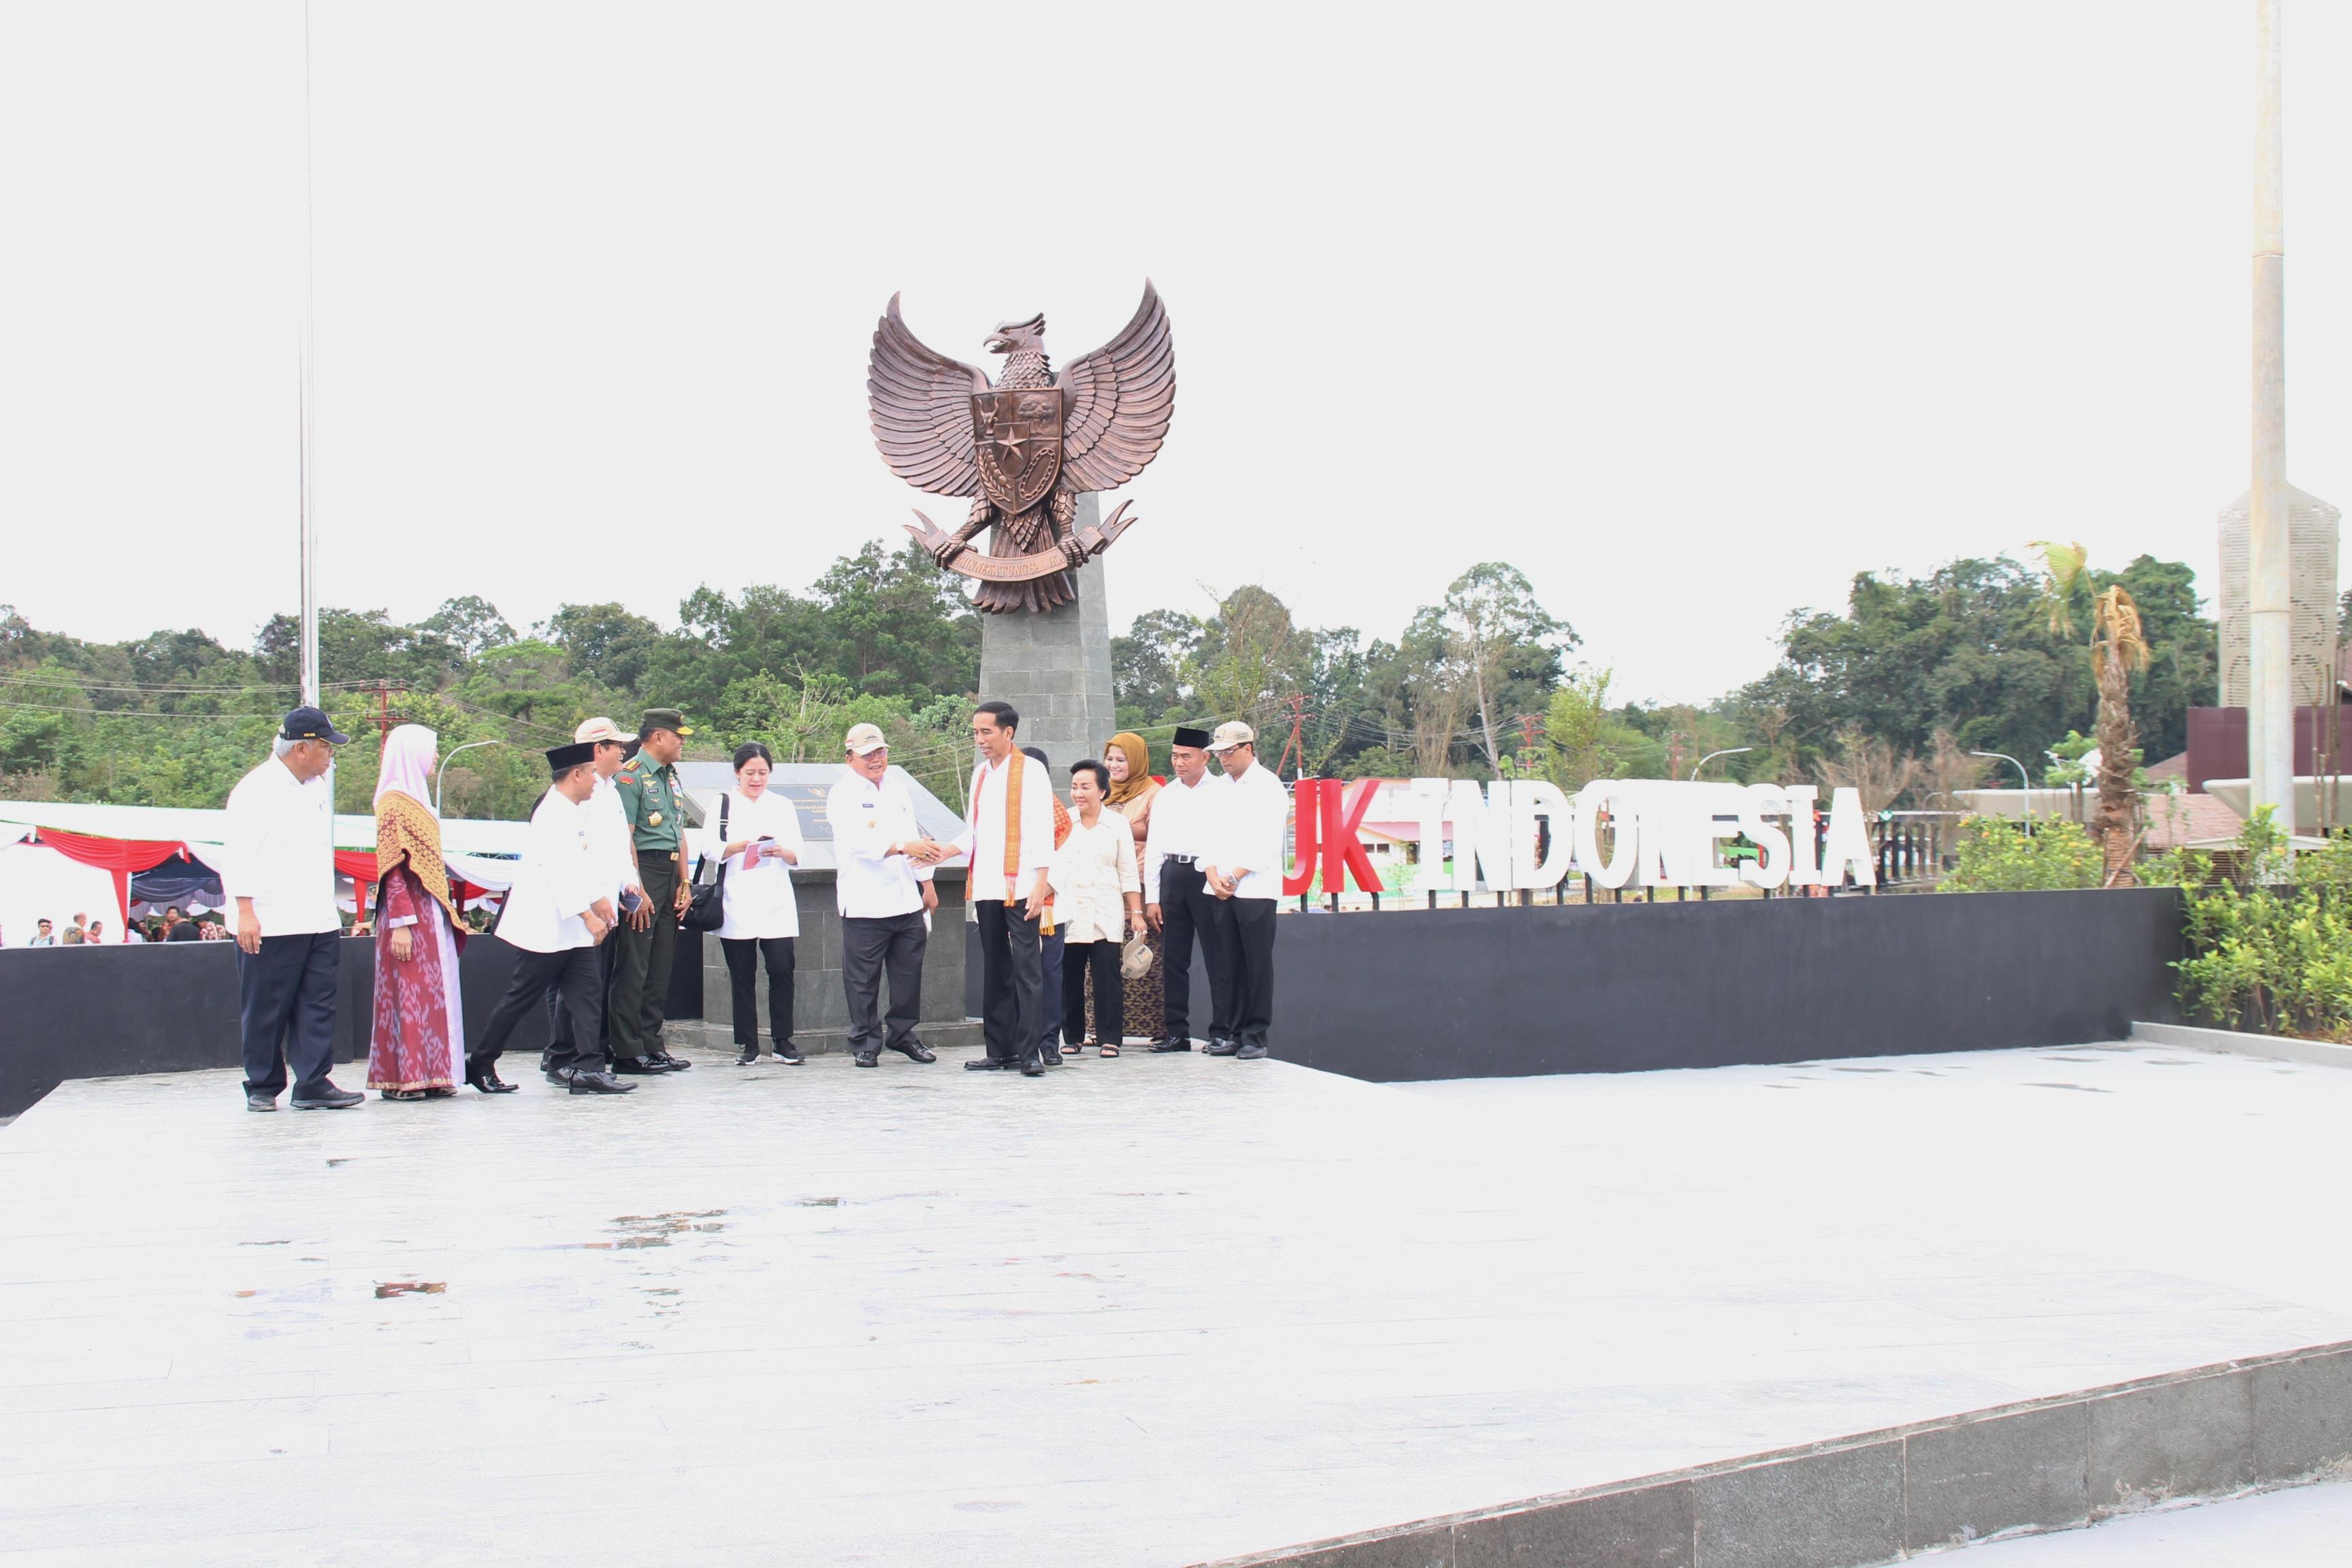 Presiden Jokowi, didampingi Ibu Negara Iriana, saat meresmikan Pos Lintas Batas Negara (PLBN) Terpadu Aruk, yang berlokasi Sajingan Besar, Kabupaten Sambas, Kalbar, Jumat (17/3). (Foto: Humas/Anggun)